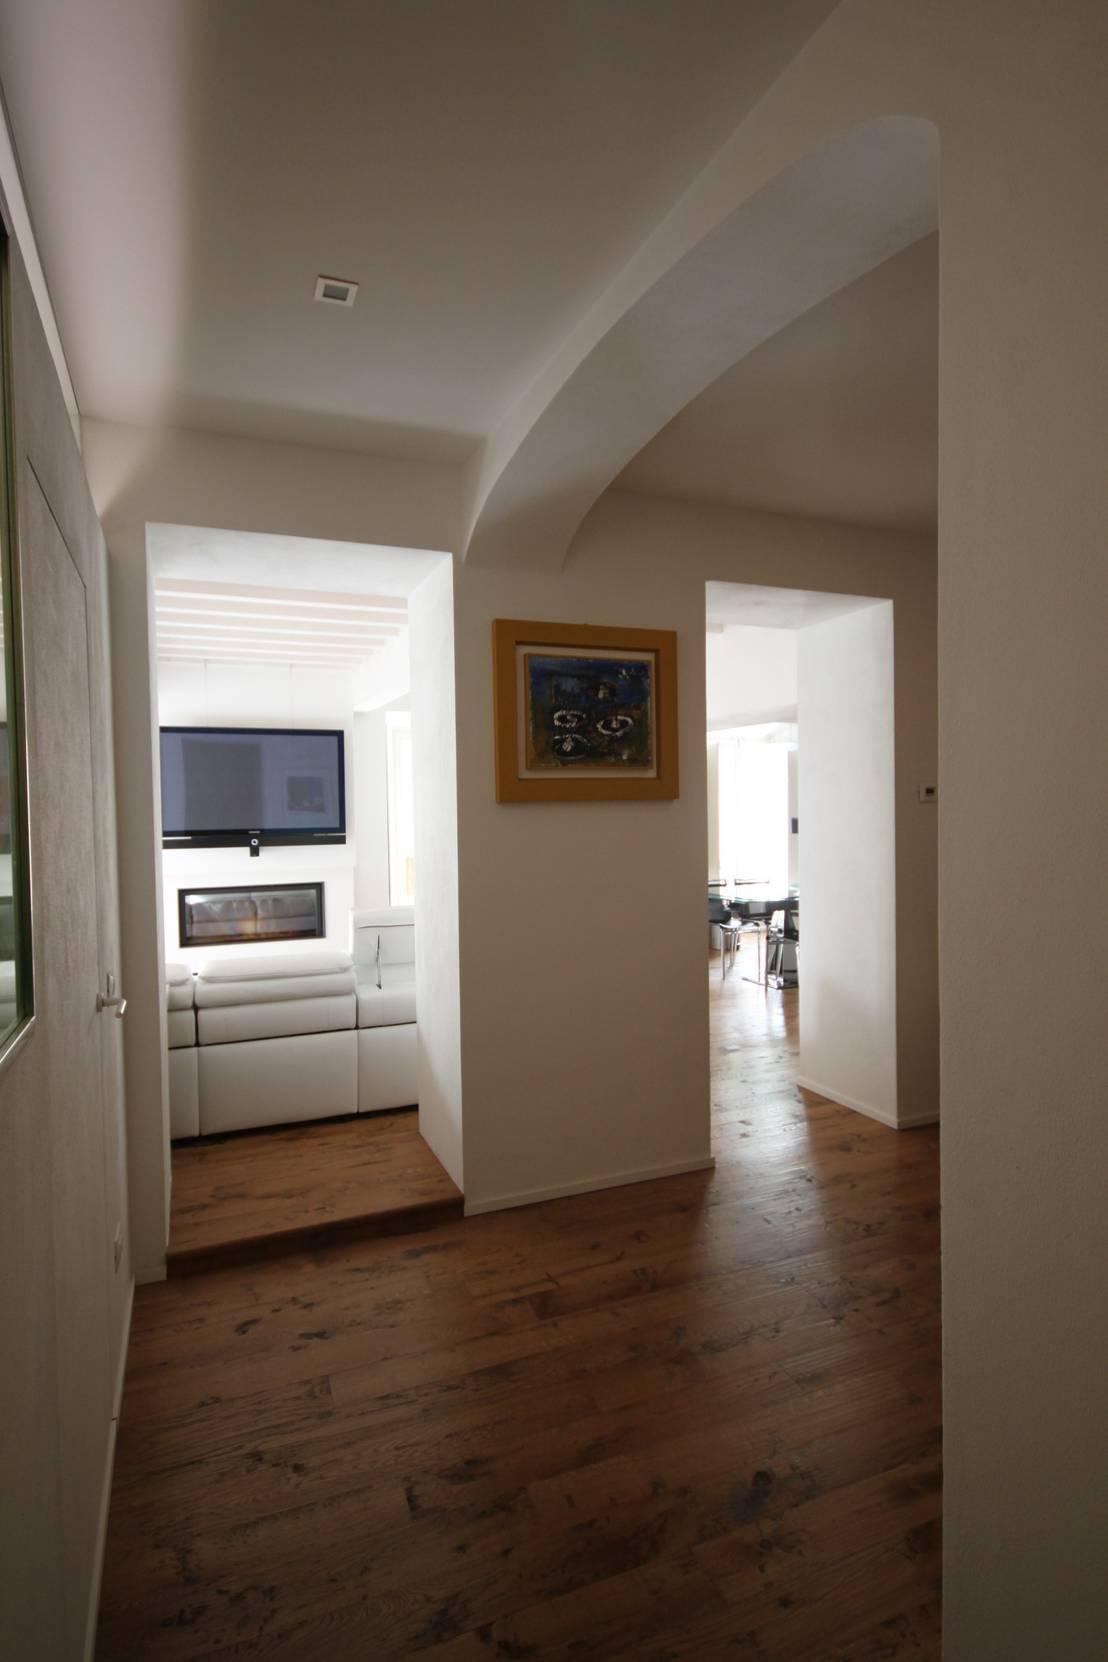 Appartamento con vista de studio bfg homify - Piscina sala baganza ...